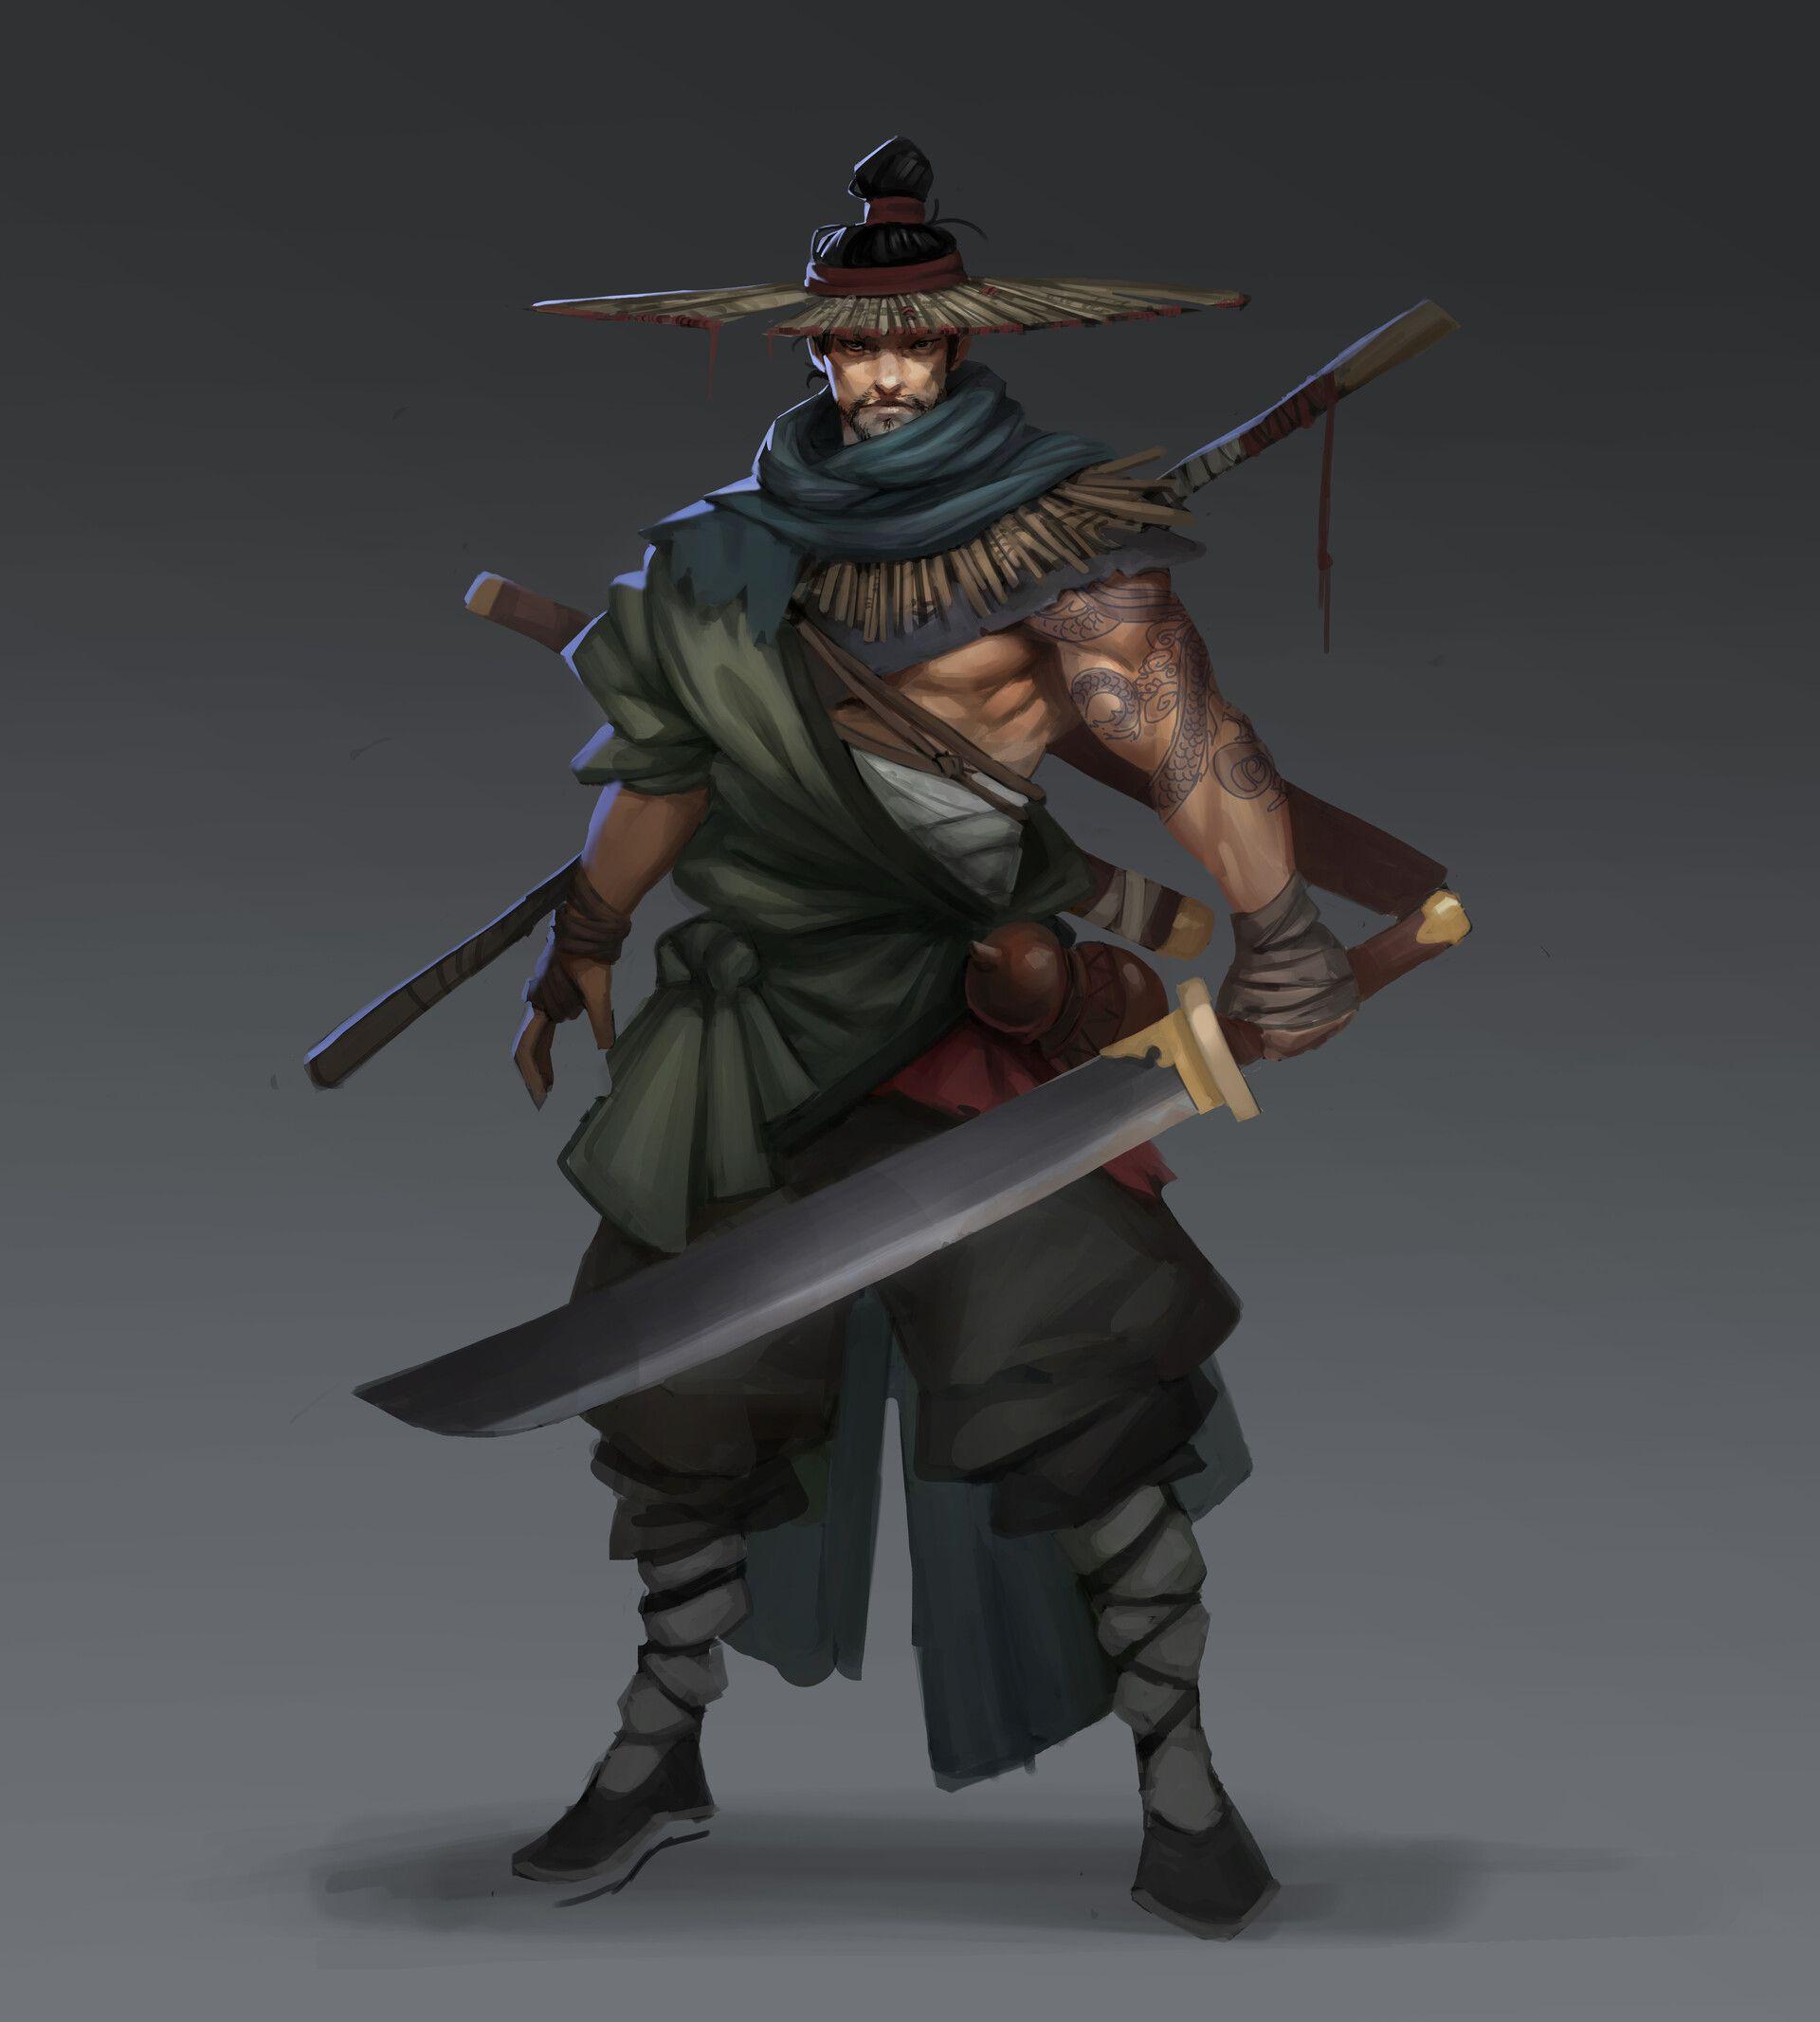 Pin by Ryan Reed on Heroes & Monsters | Samurai art